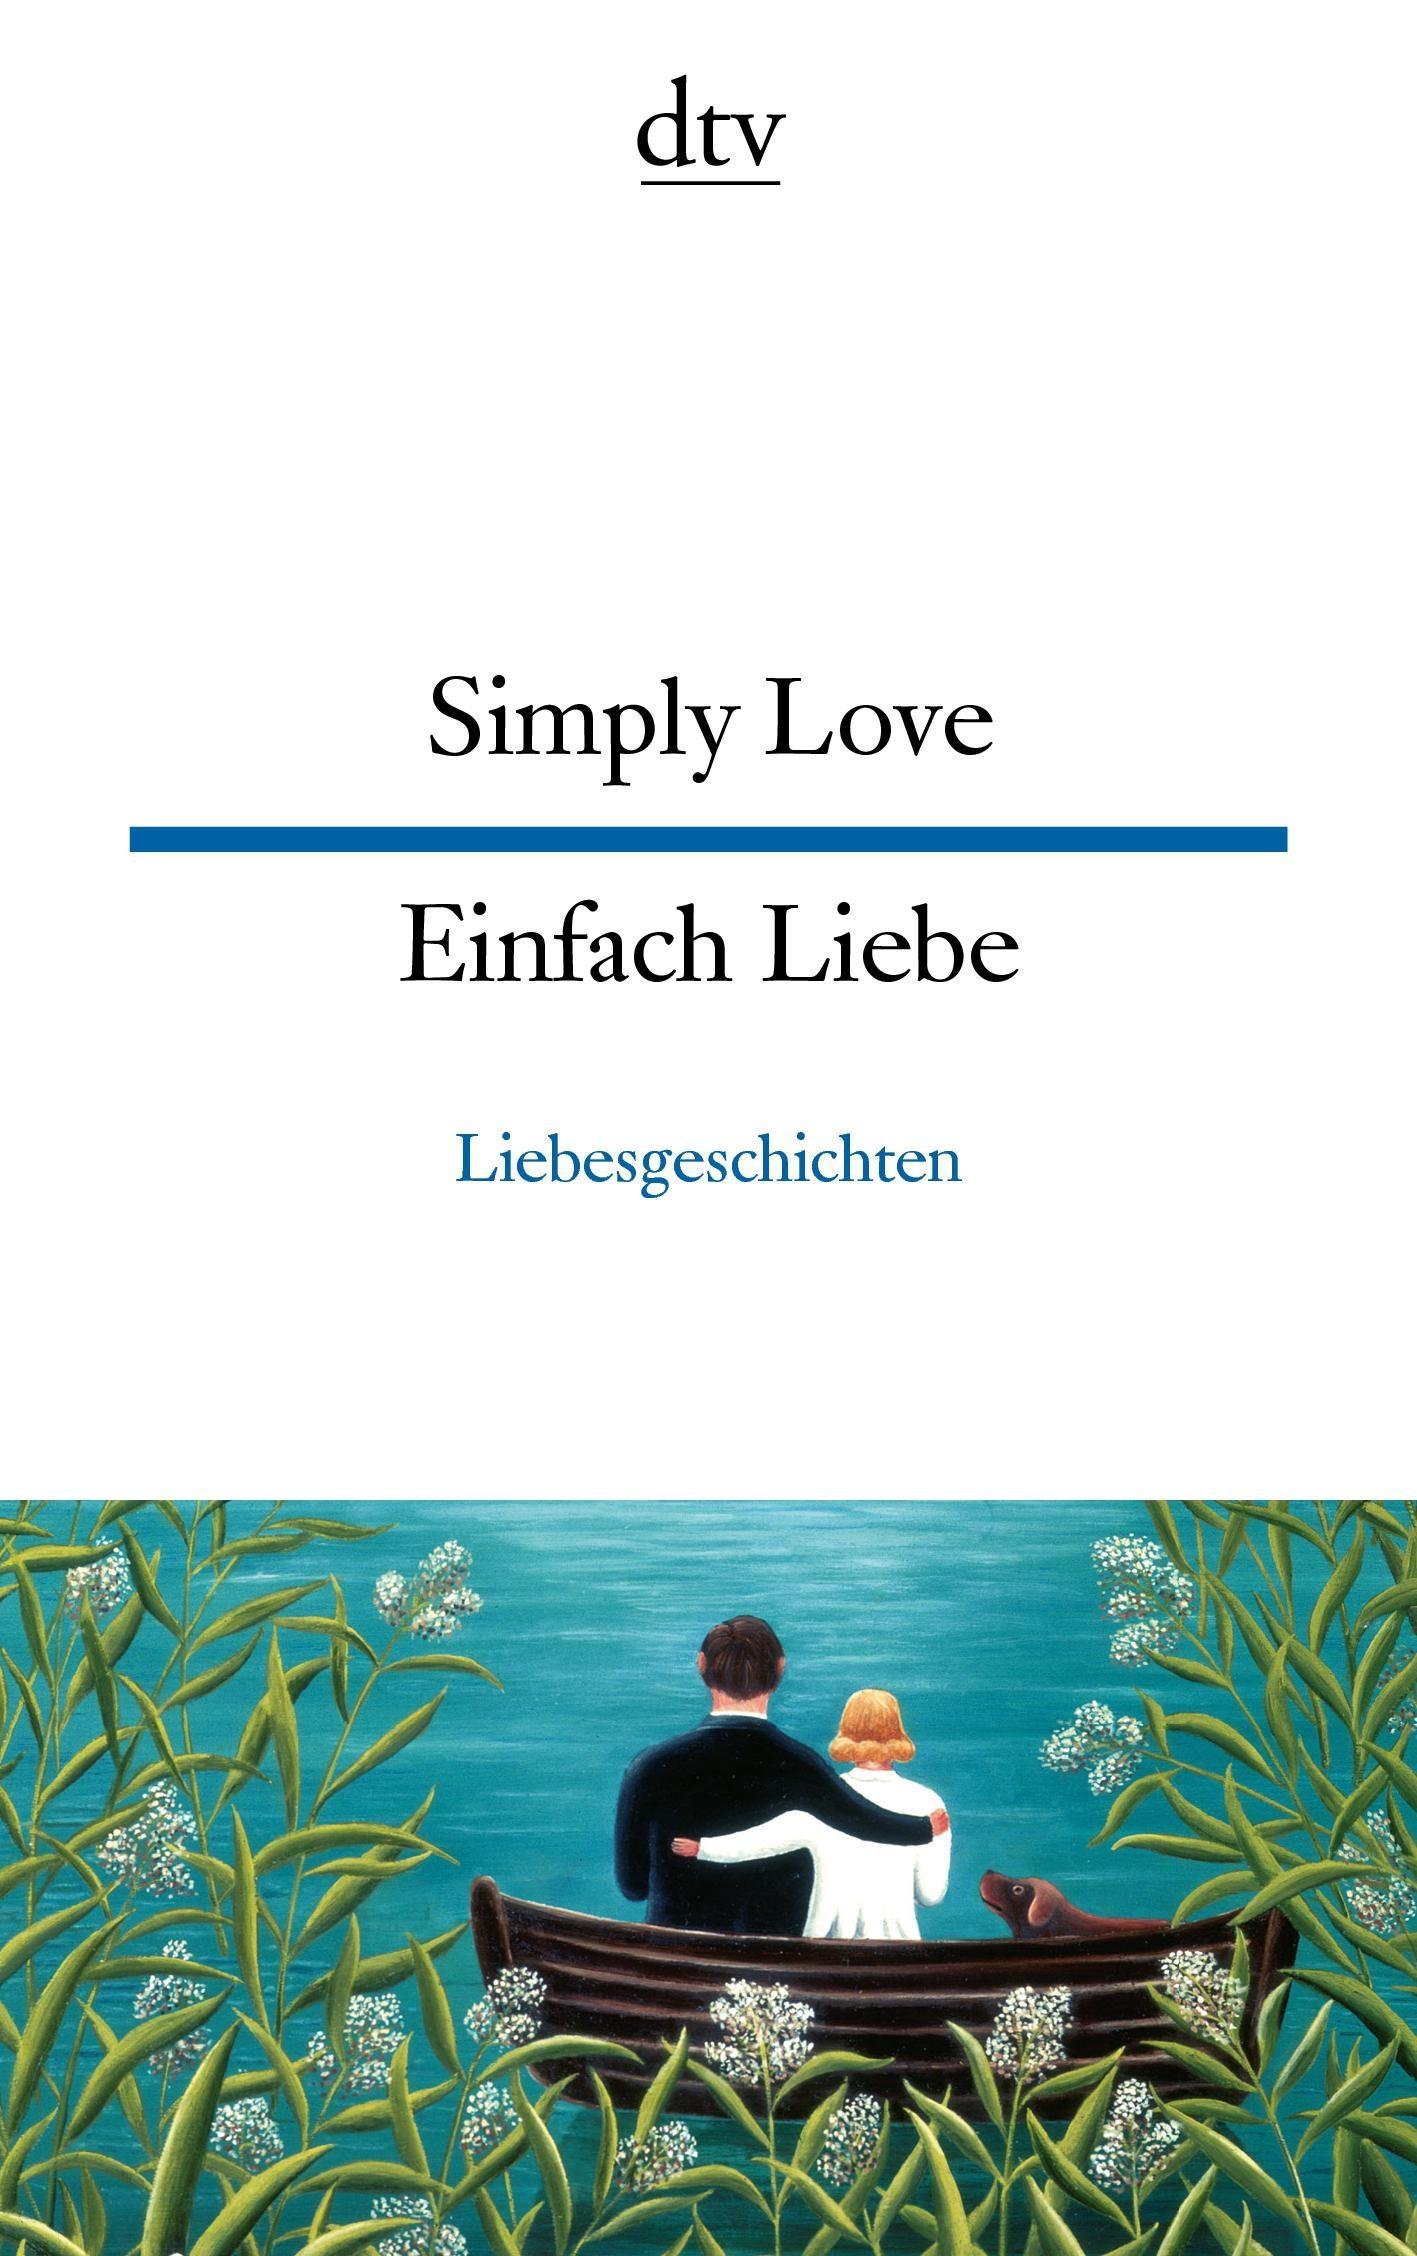 Simply Love Einfach Liebe